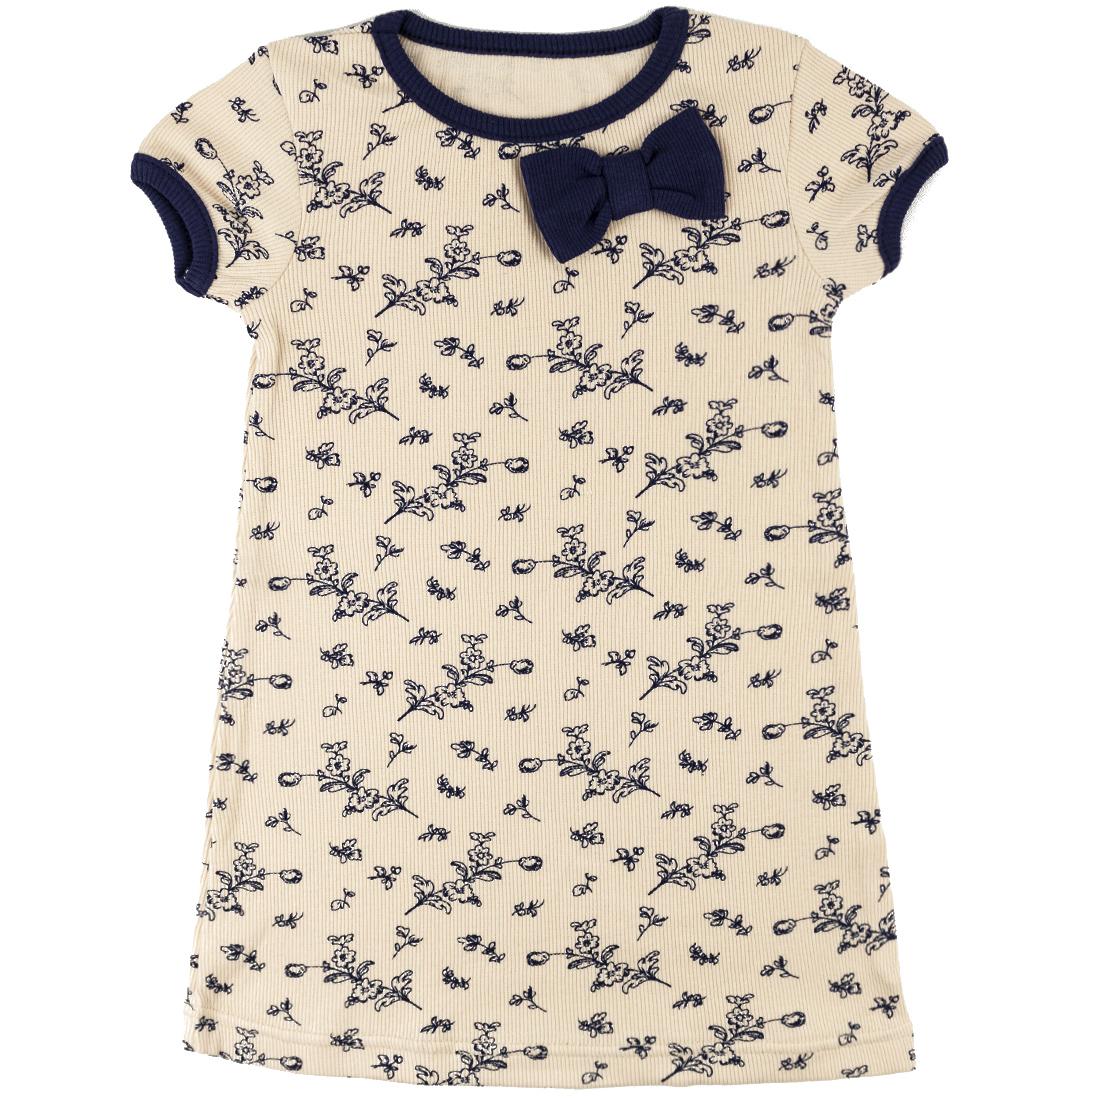 377КС, Платье детское Юлла, цв. бежевый р. 110, Платья для девочек  - купить со скидкой